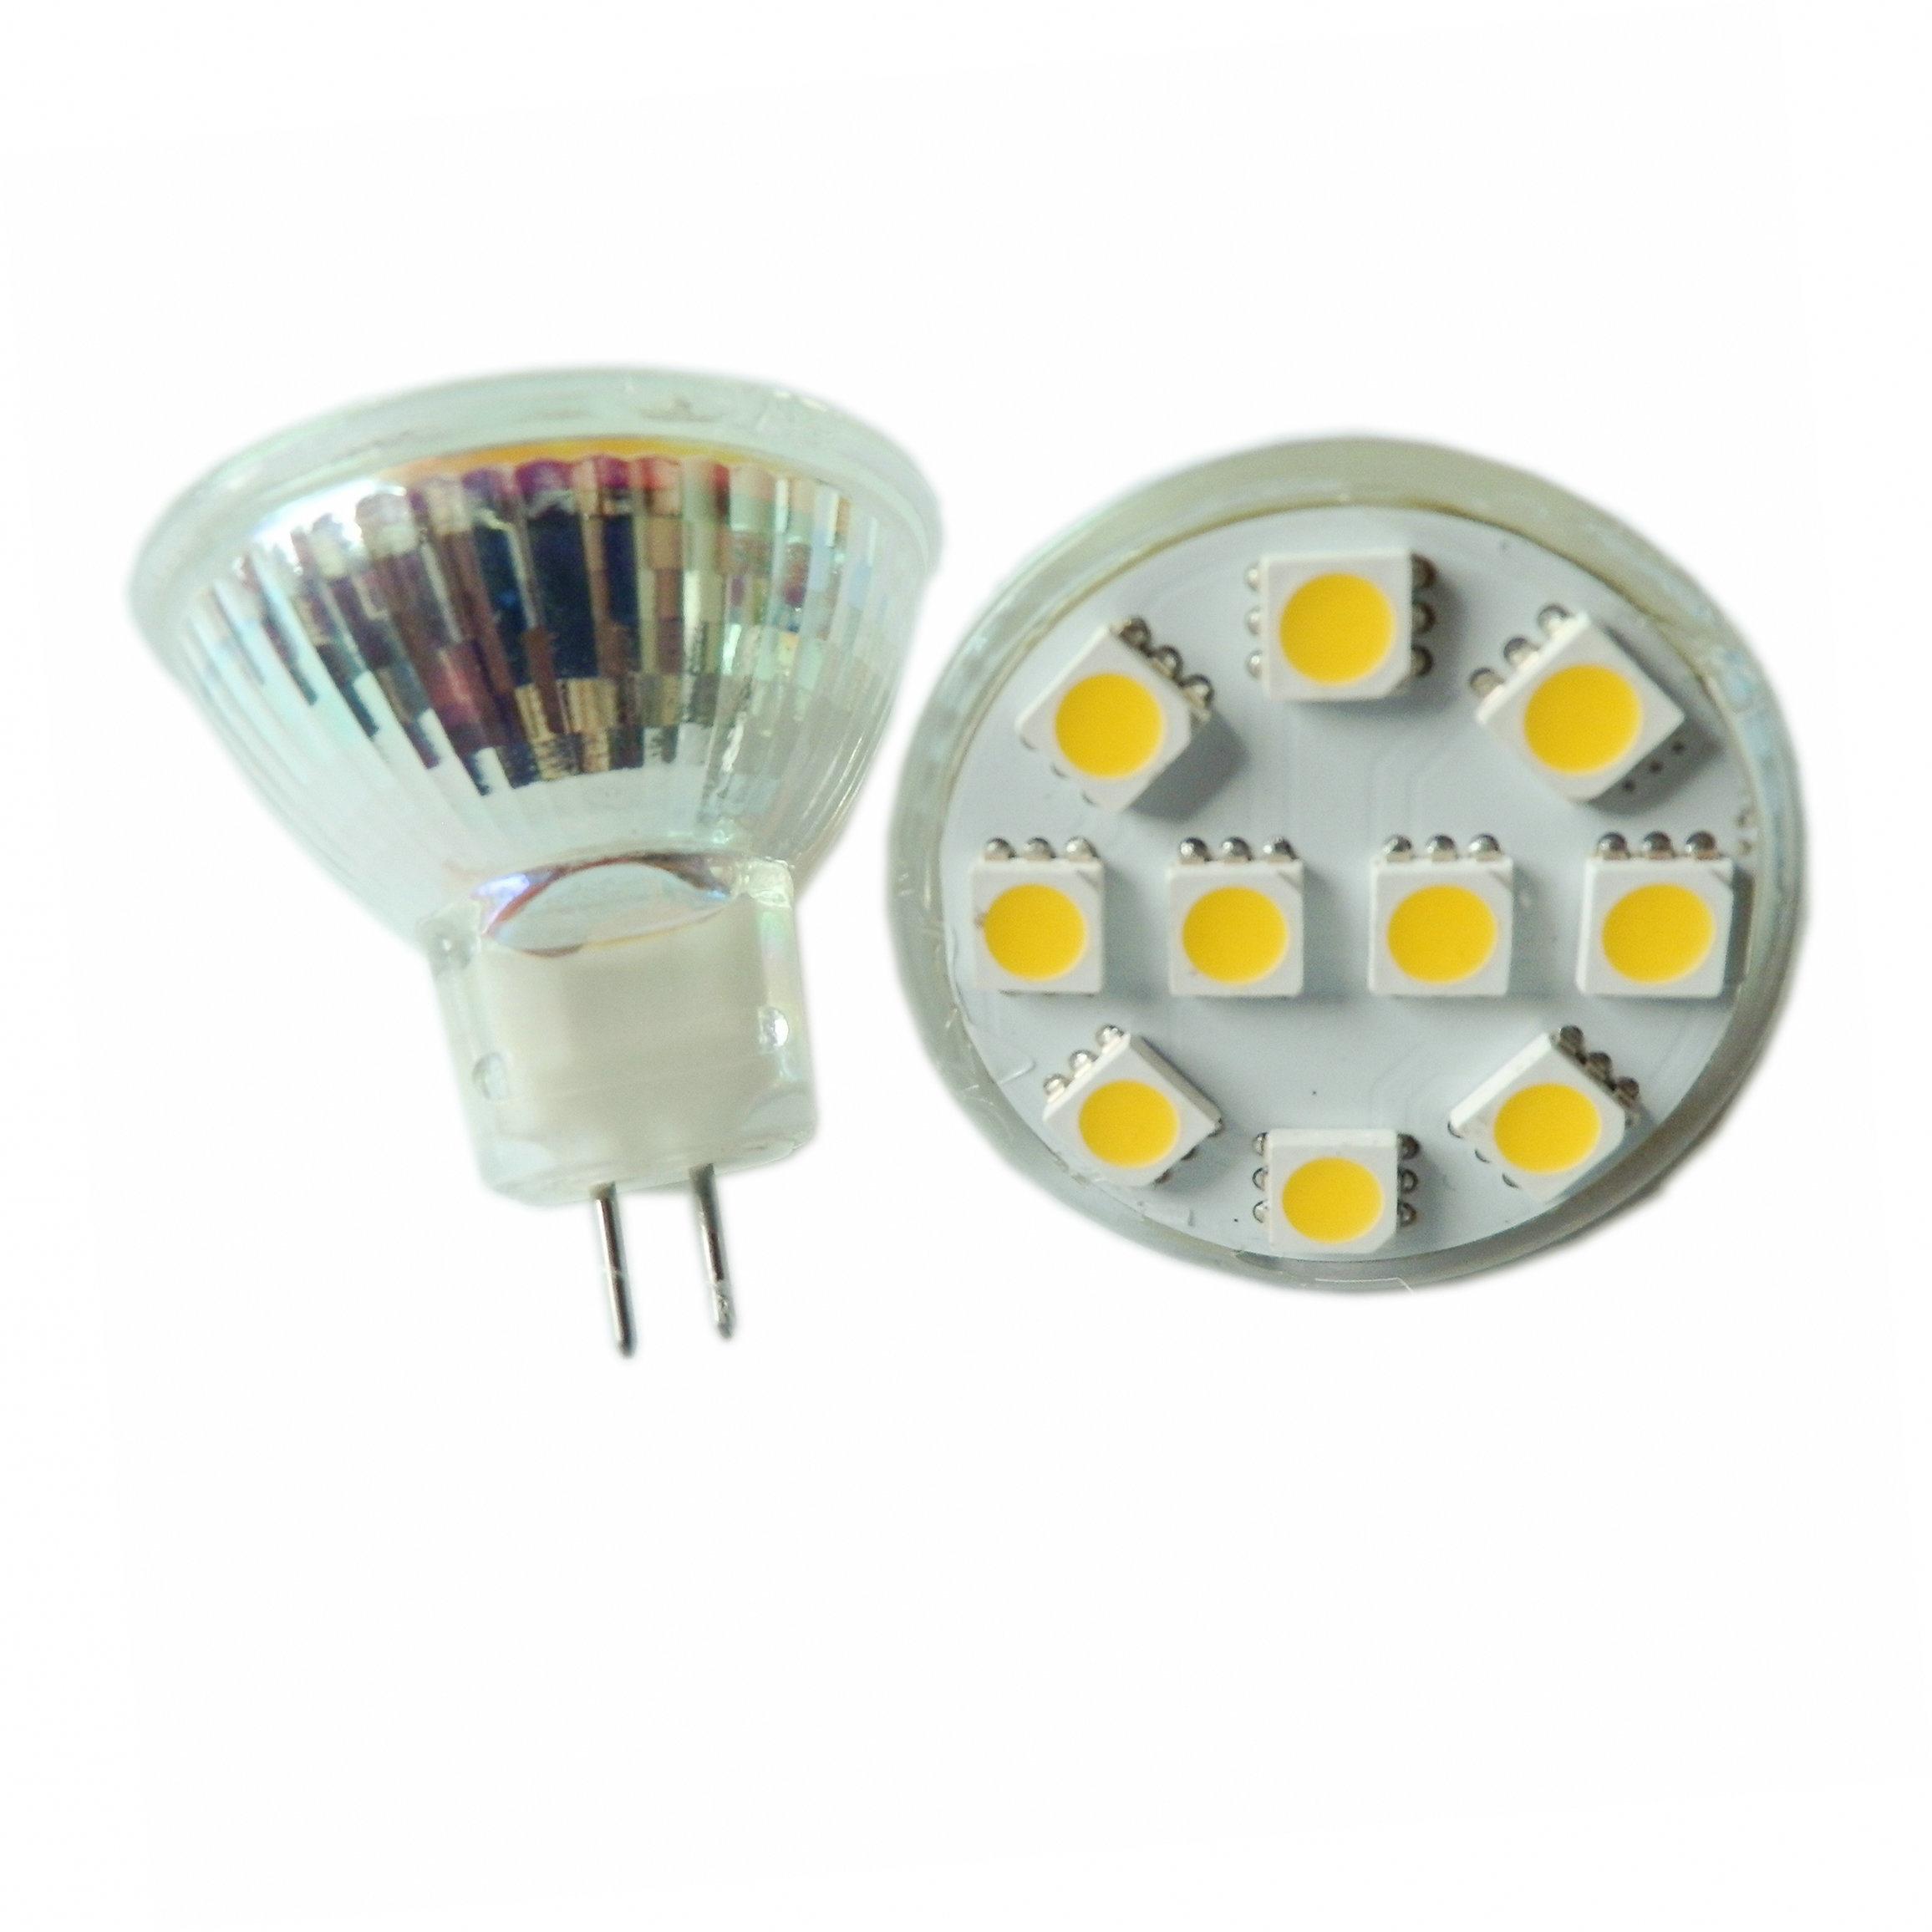 Hot Item Bi Pin Bulb 10smd Warm White Mr11 Led